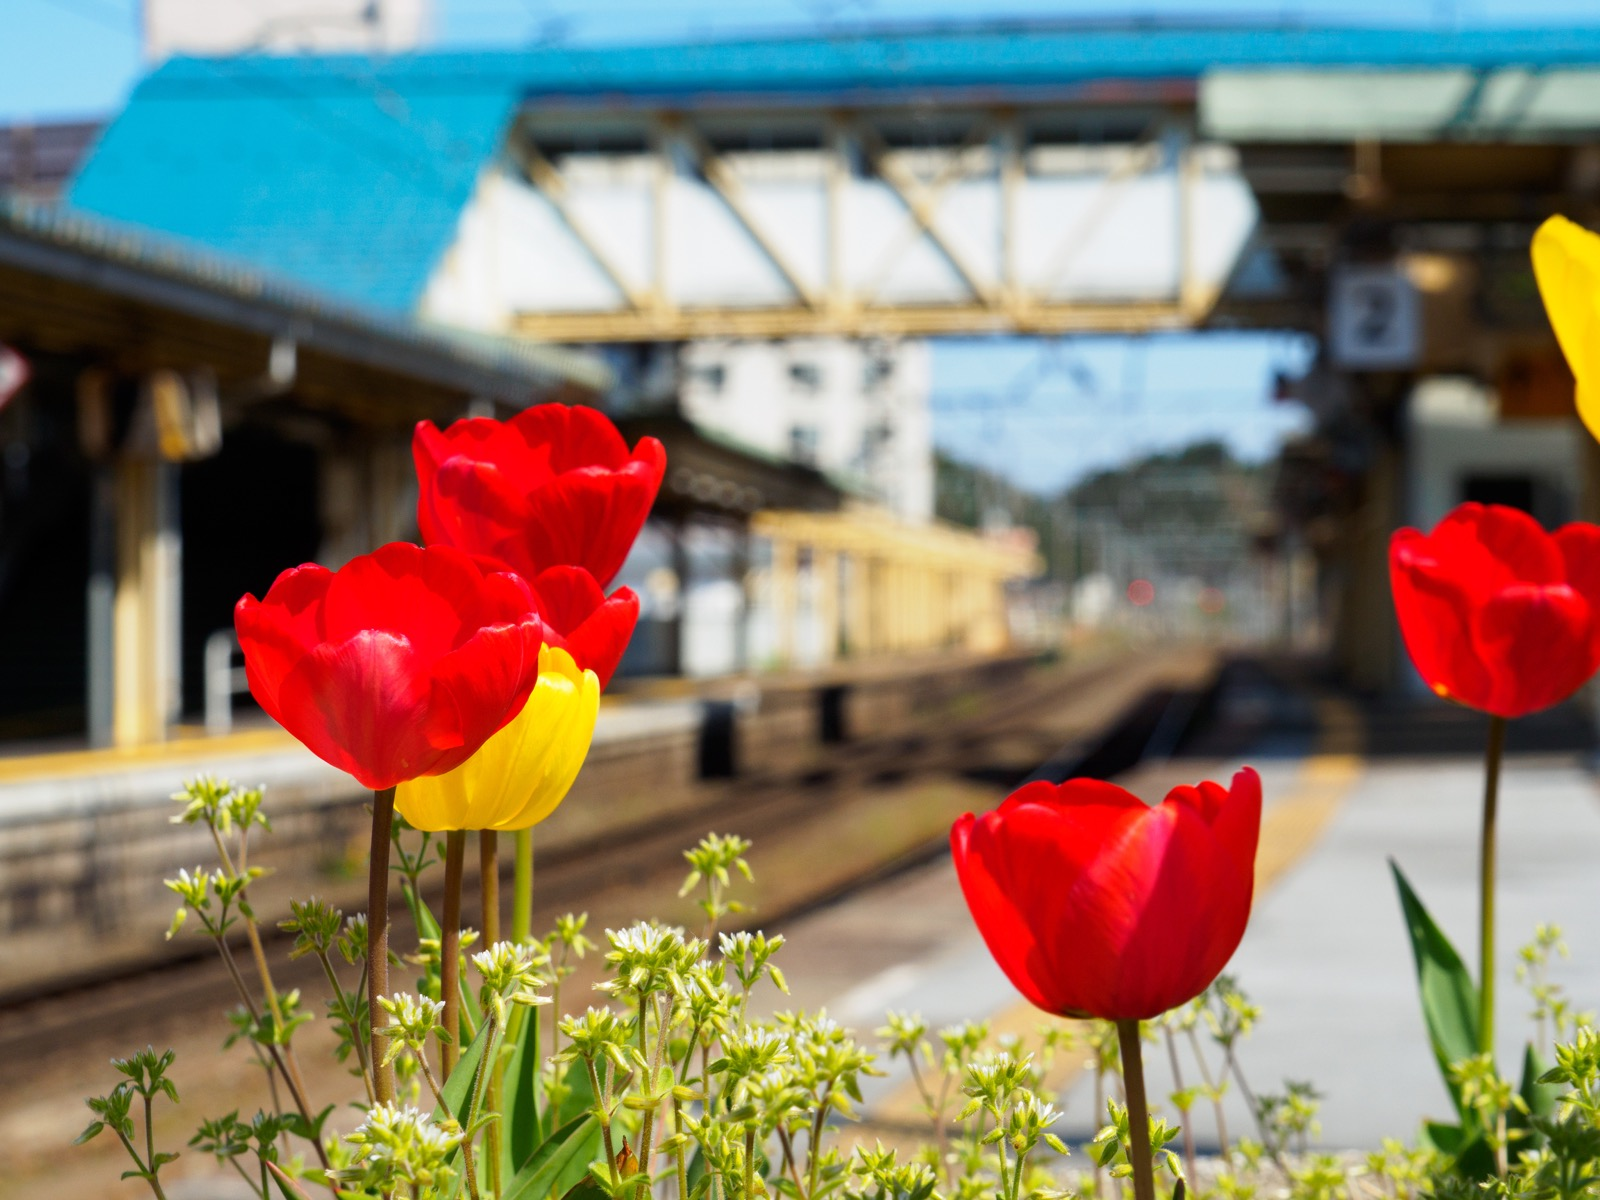 浅虫温泉駅のホームに咲くチューリップ